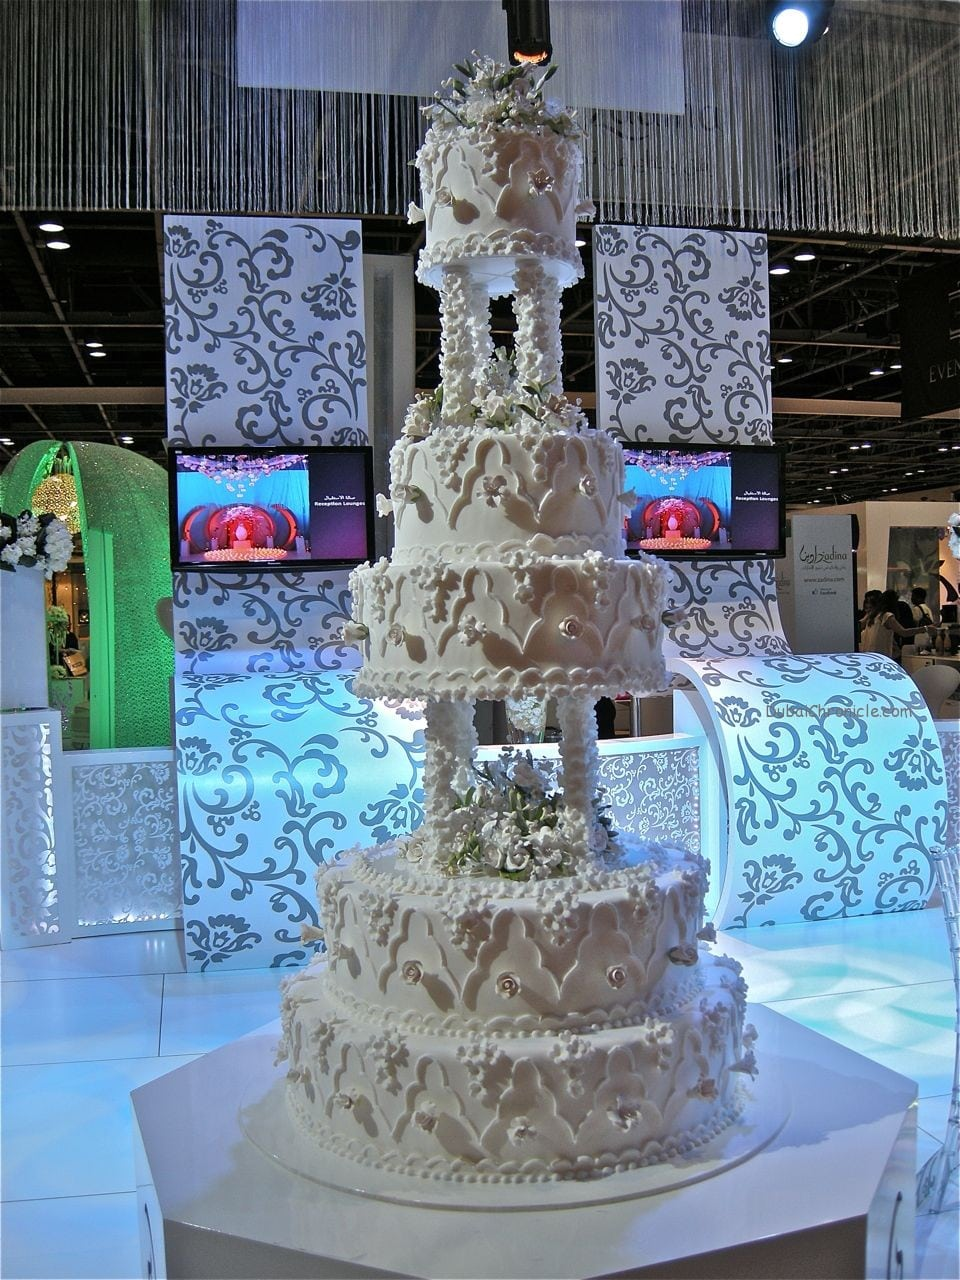 Bride Show Dubai - Cake Trends 5